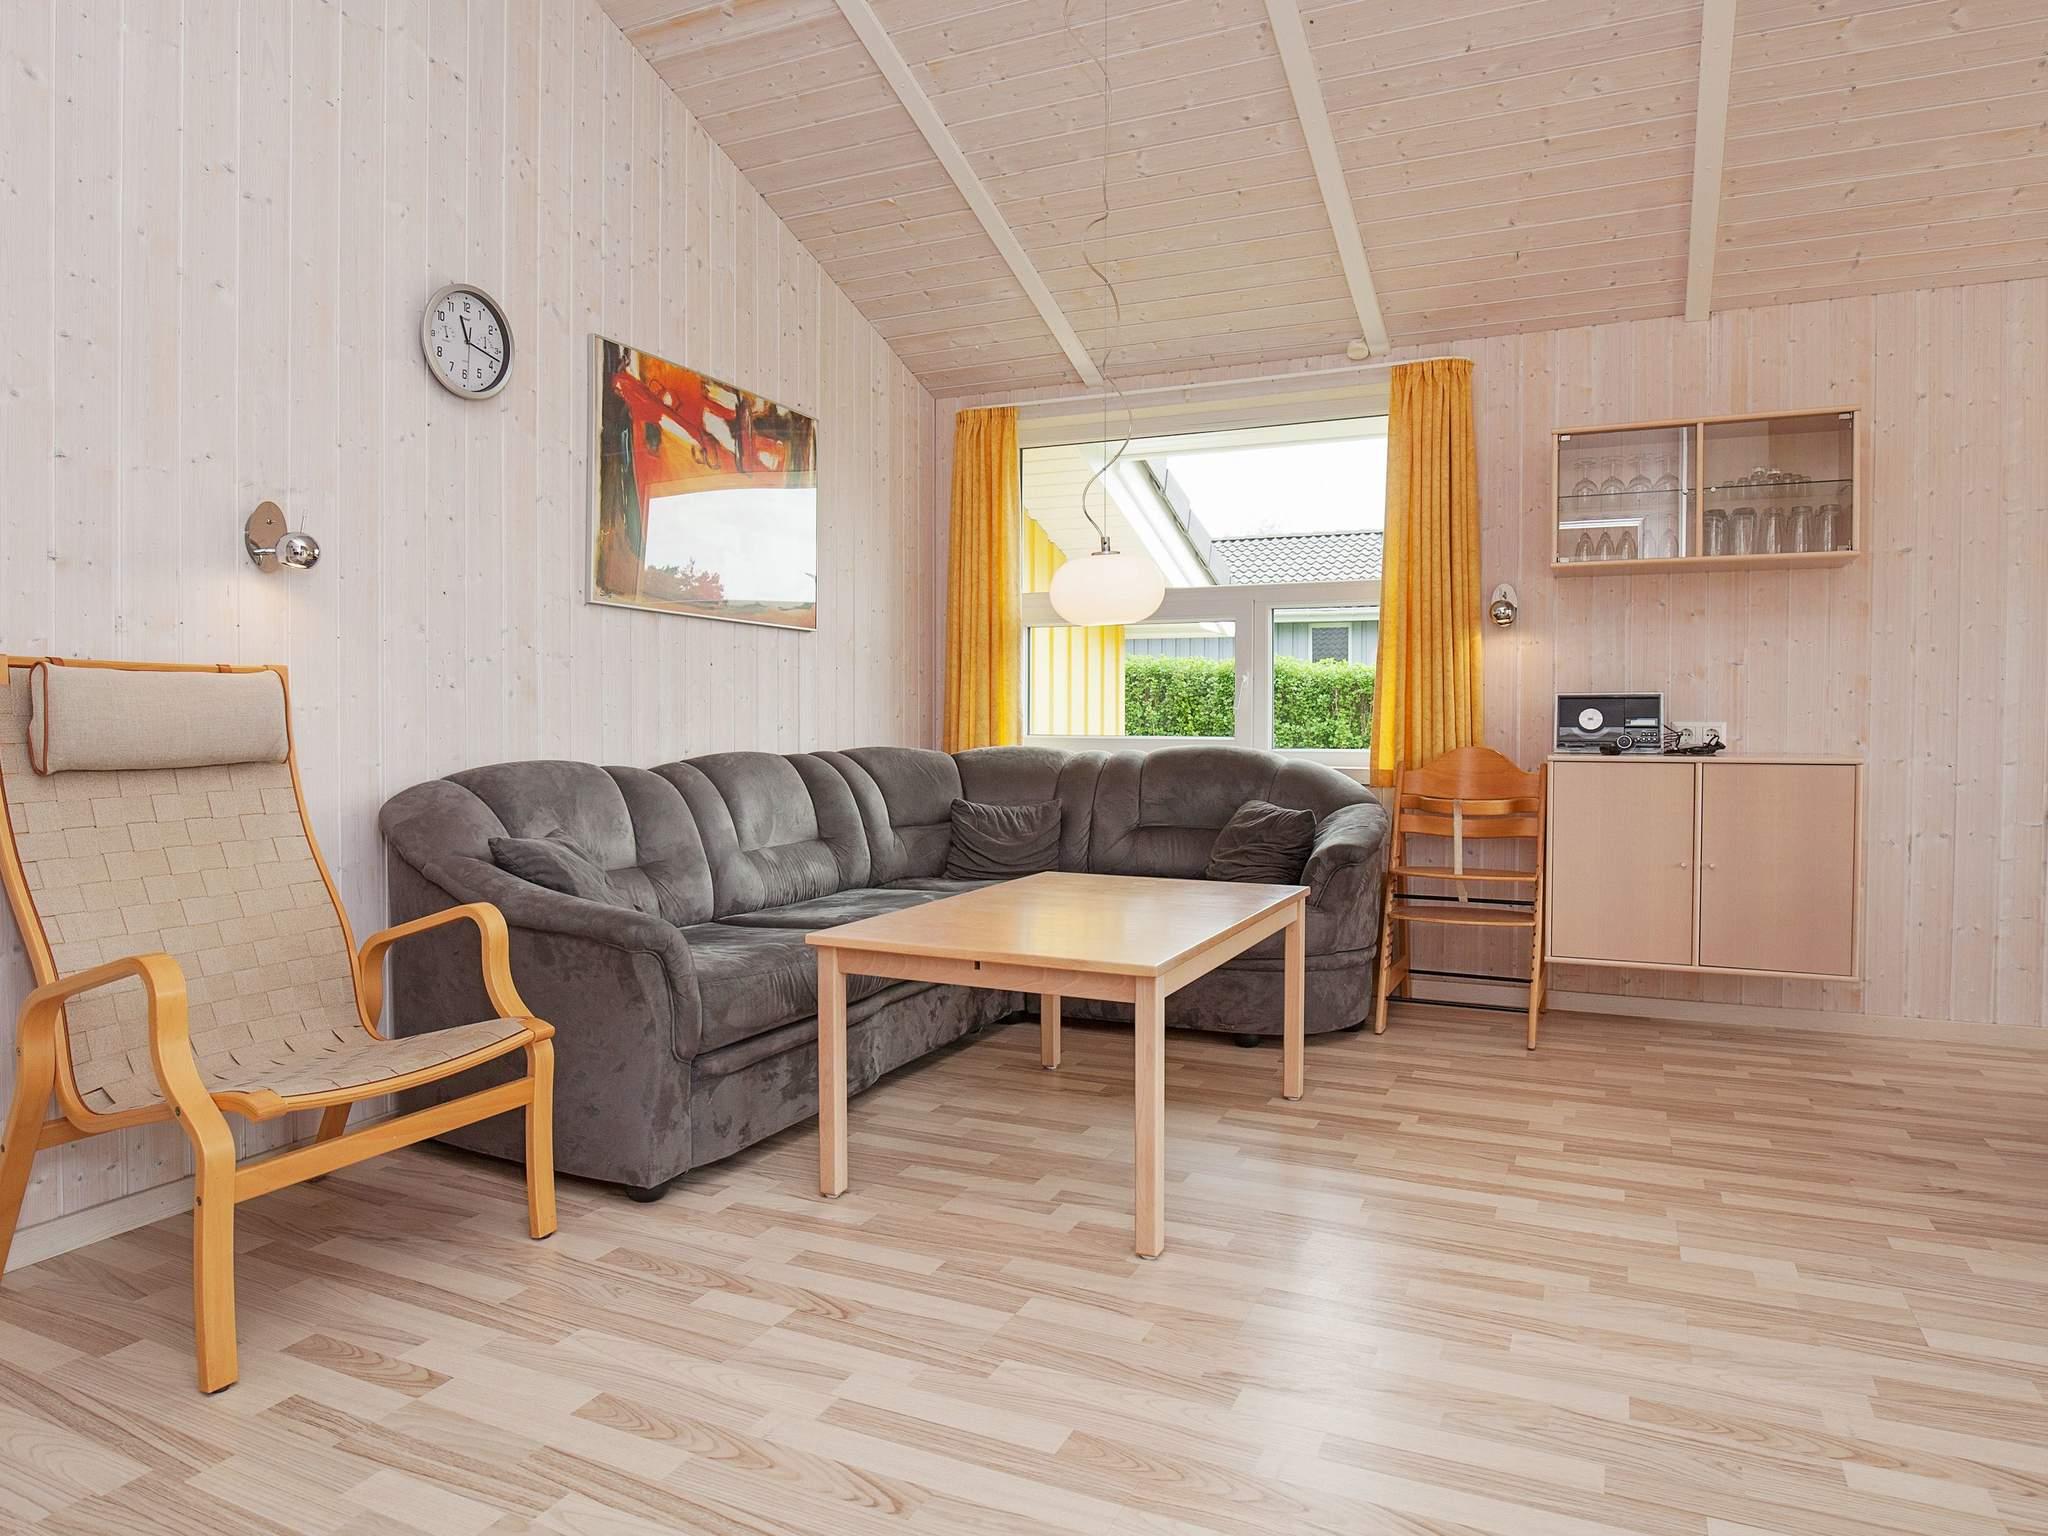 Maison de vacances Grömitz (359058), Grömitz, Baie de Lübeck, Schleswig-Holstein, Allemagne, image 7